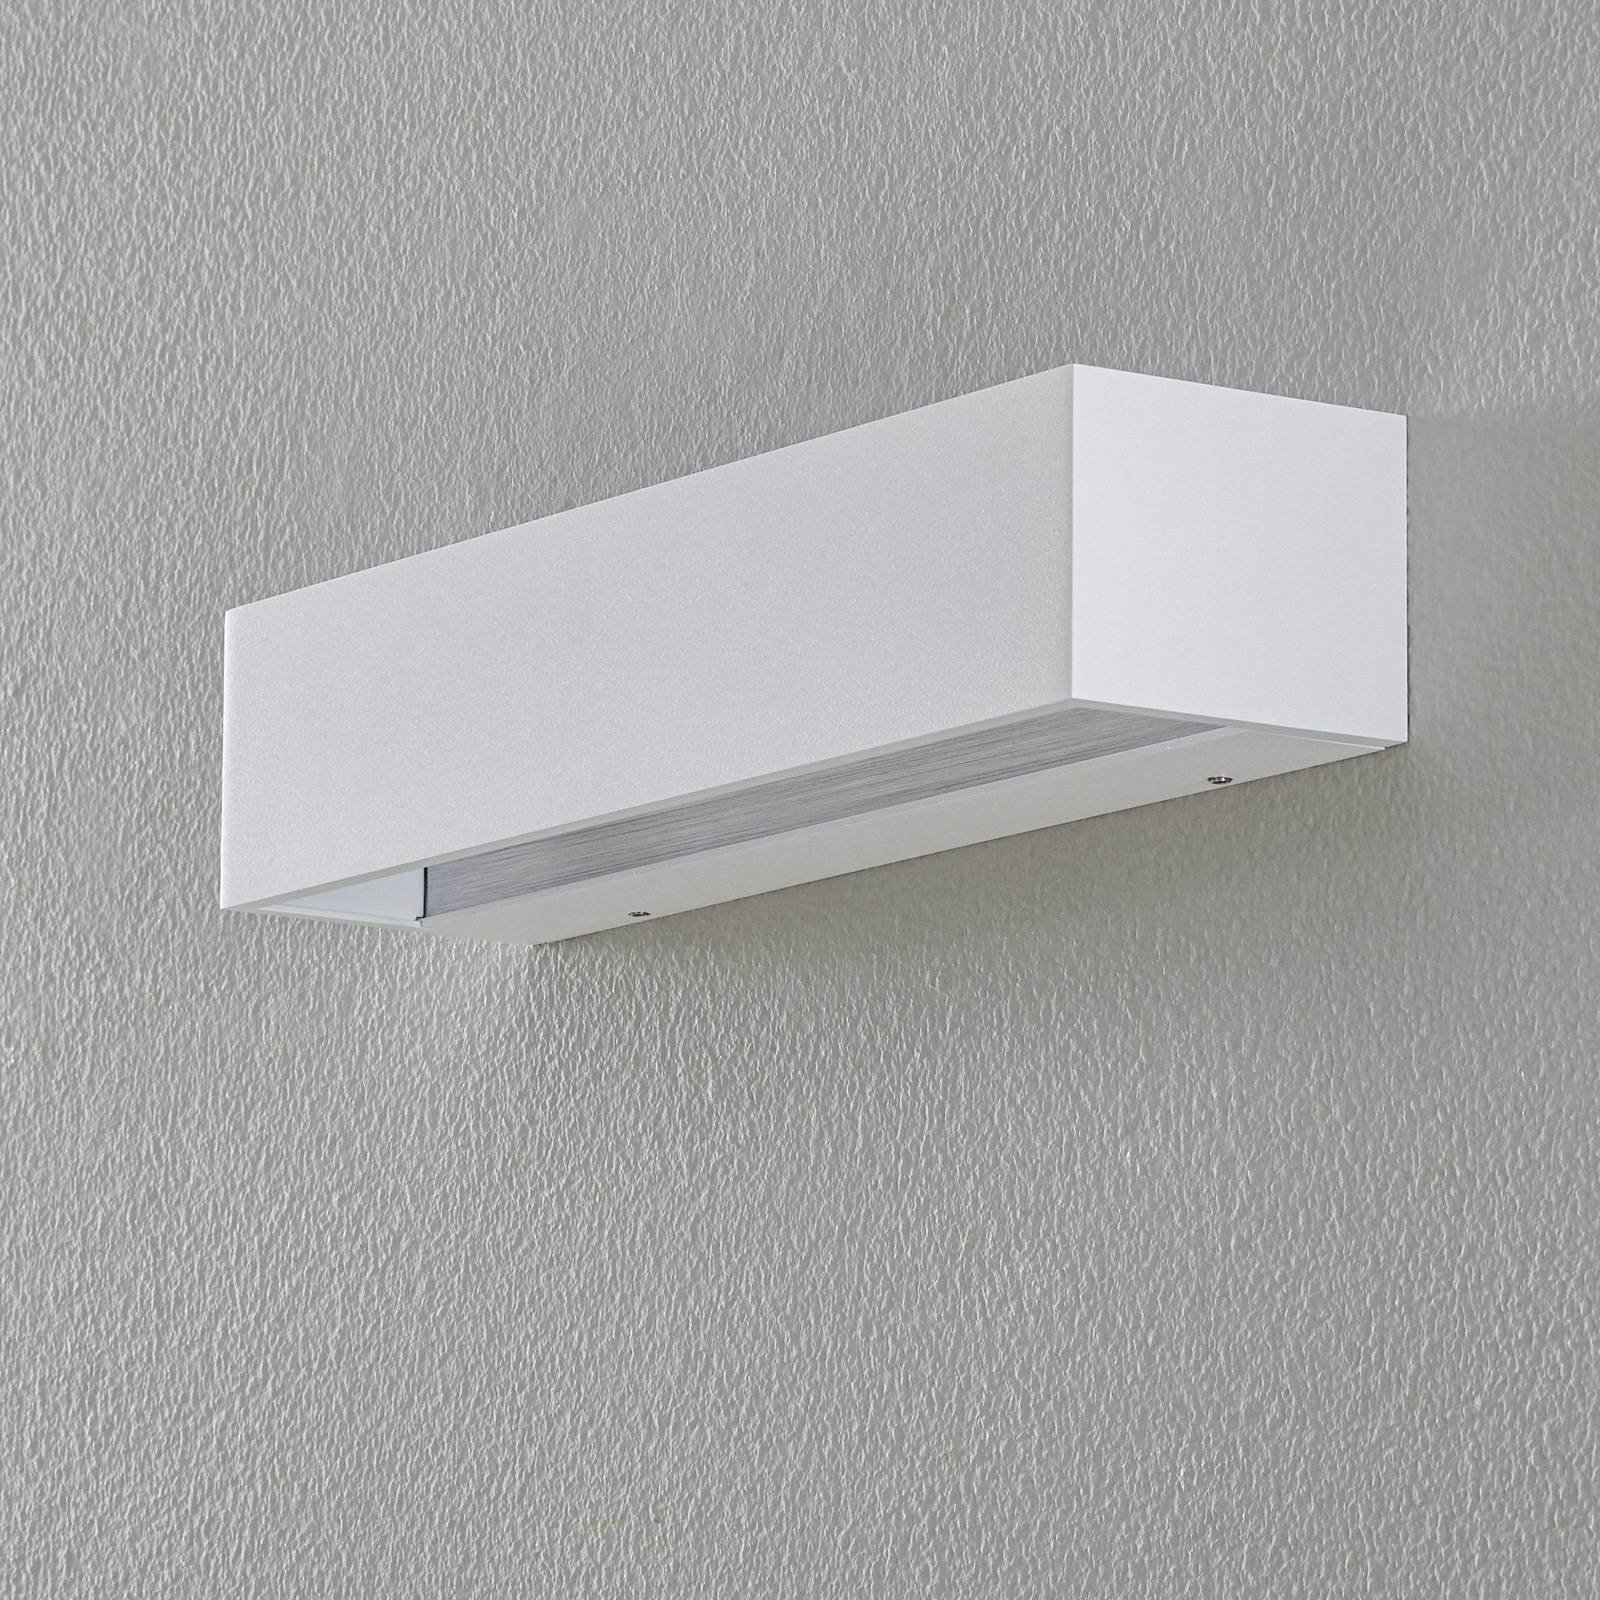 BEGA Studio Line vegglampe bred hvit/alu 30 cm